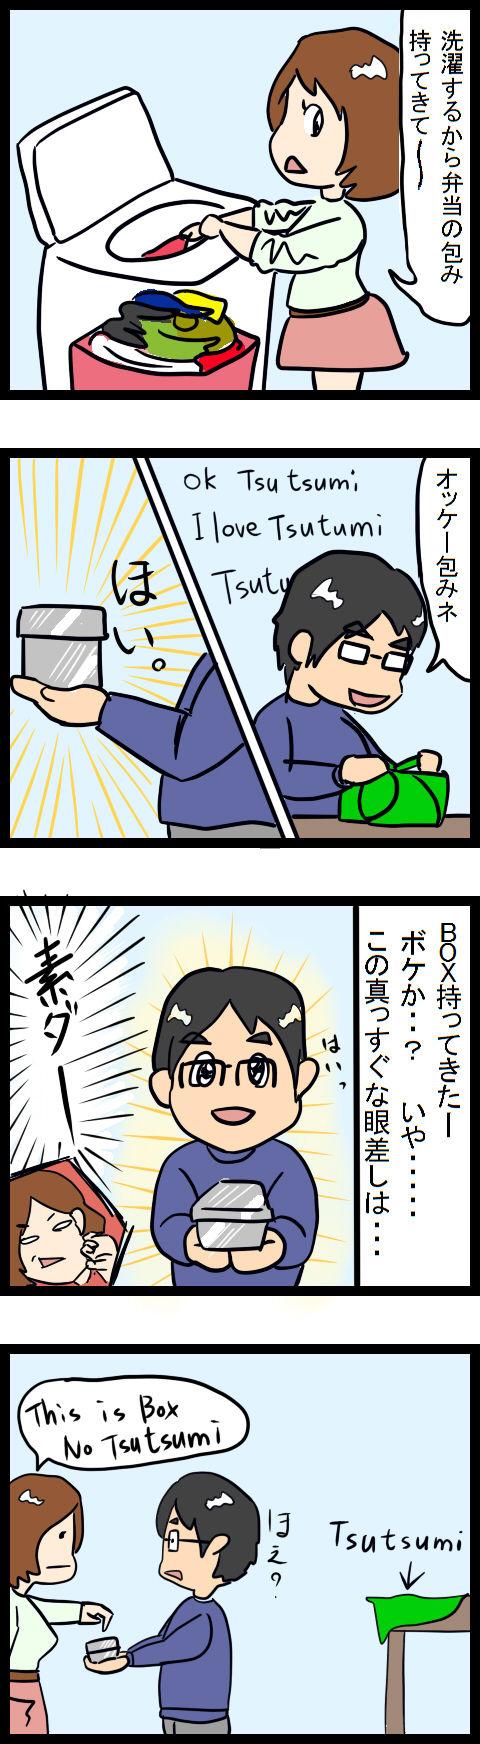 tsutsumi①